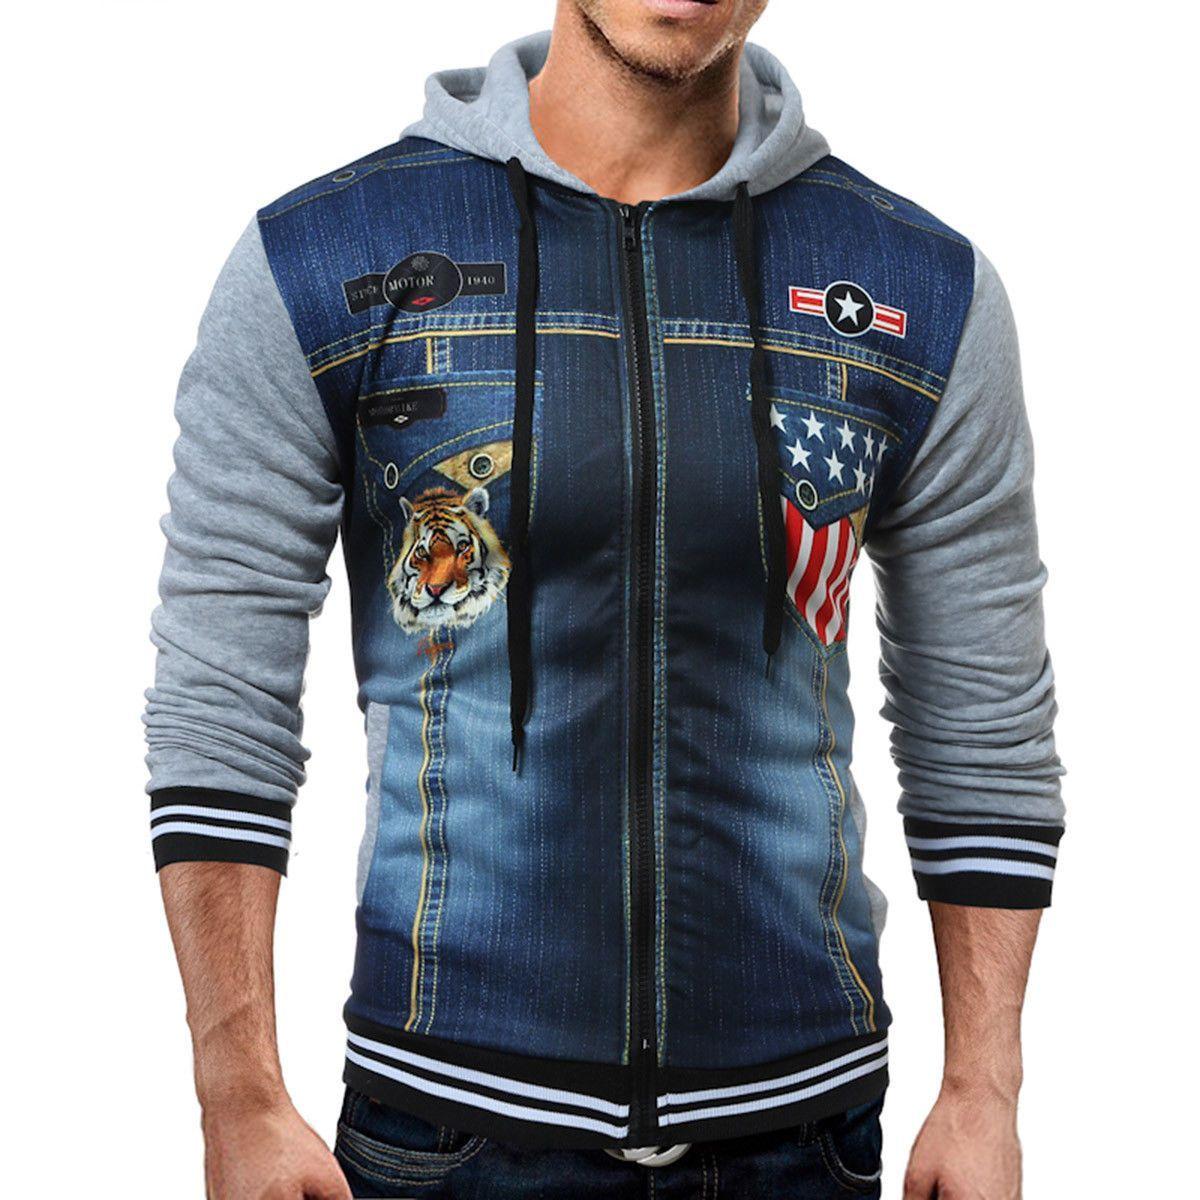 3a9898823781b New Men s Winter Slim Hoodie Warm Hooded Sweatshirt Coat Jacket Outwear  Sweater